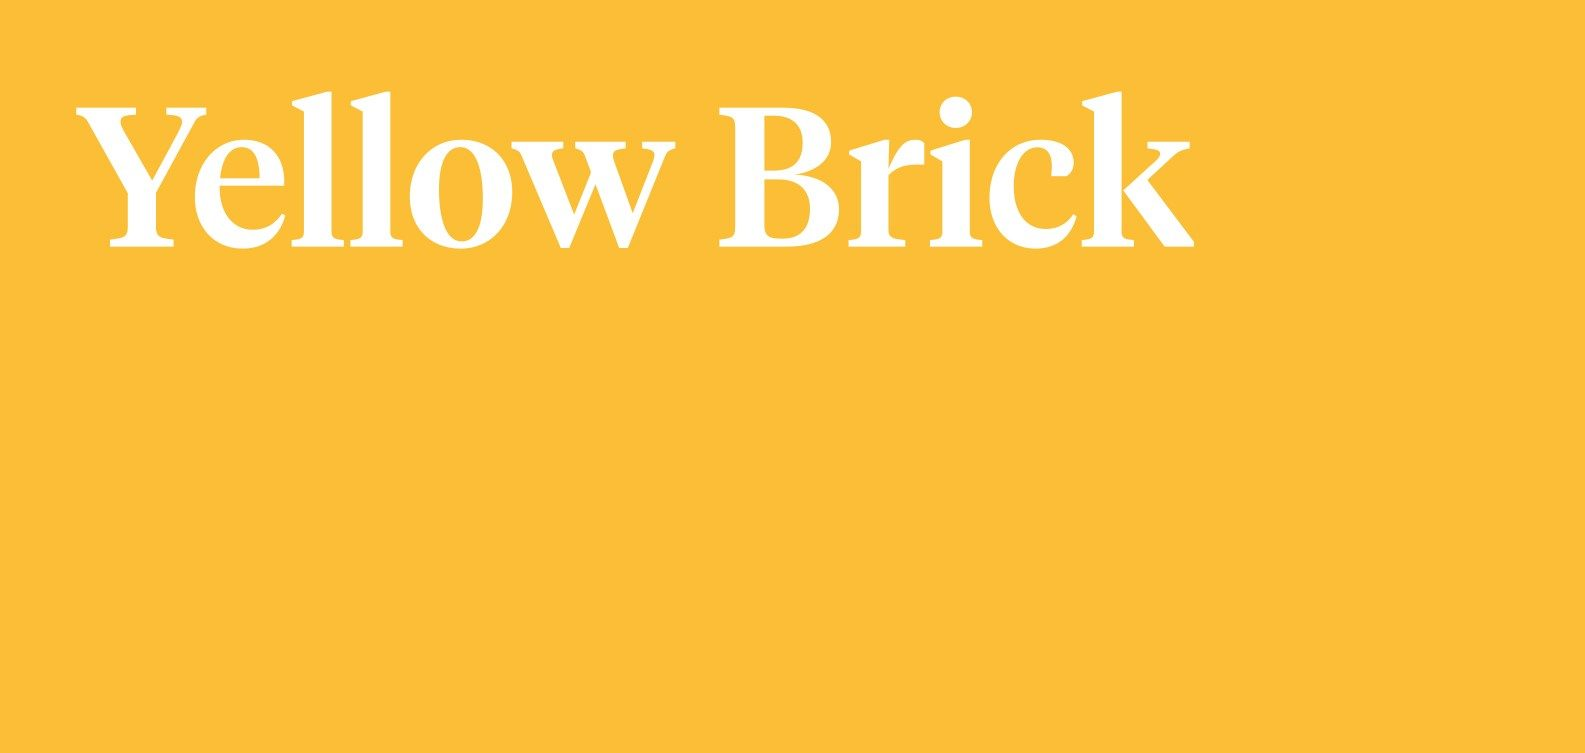 YellowBrick